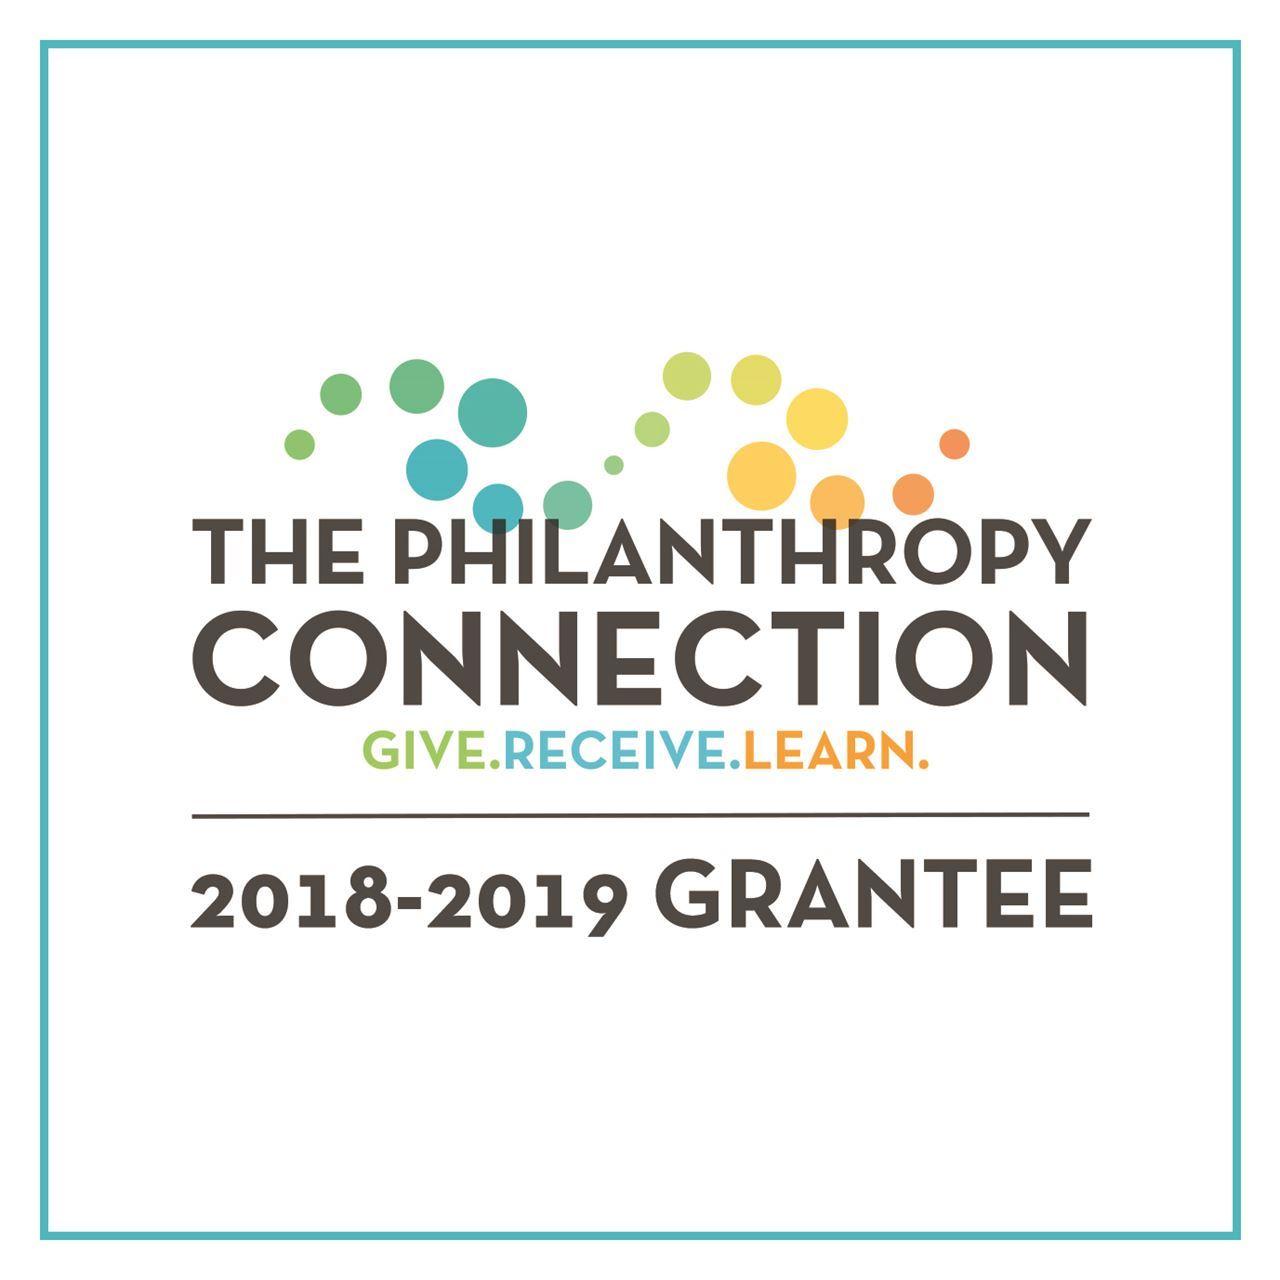 tpc-badge-bg-2018-19-grantee.jpg